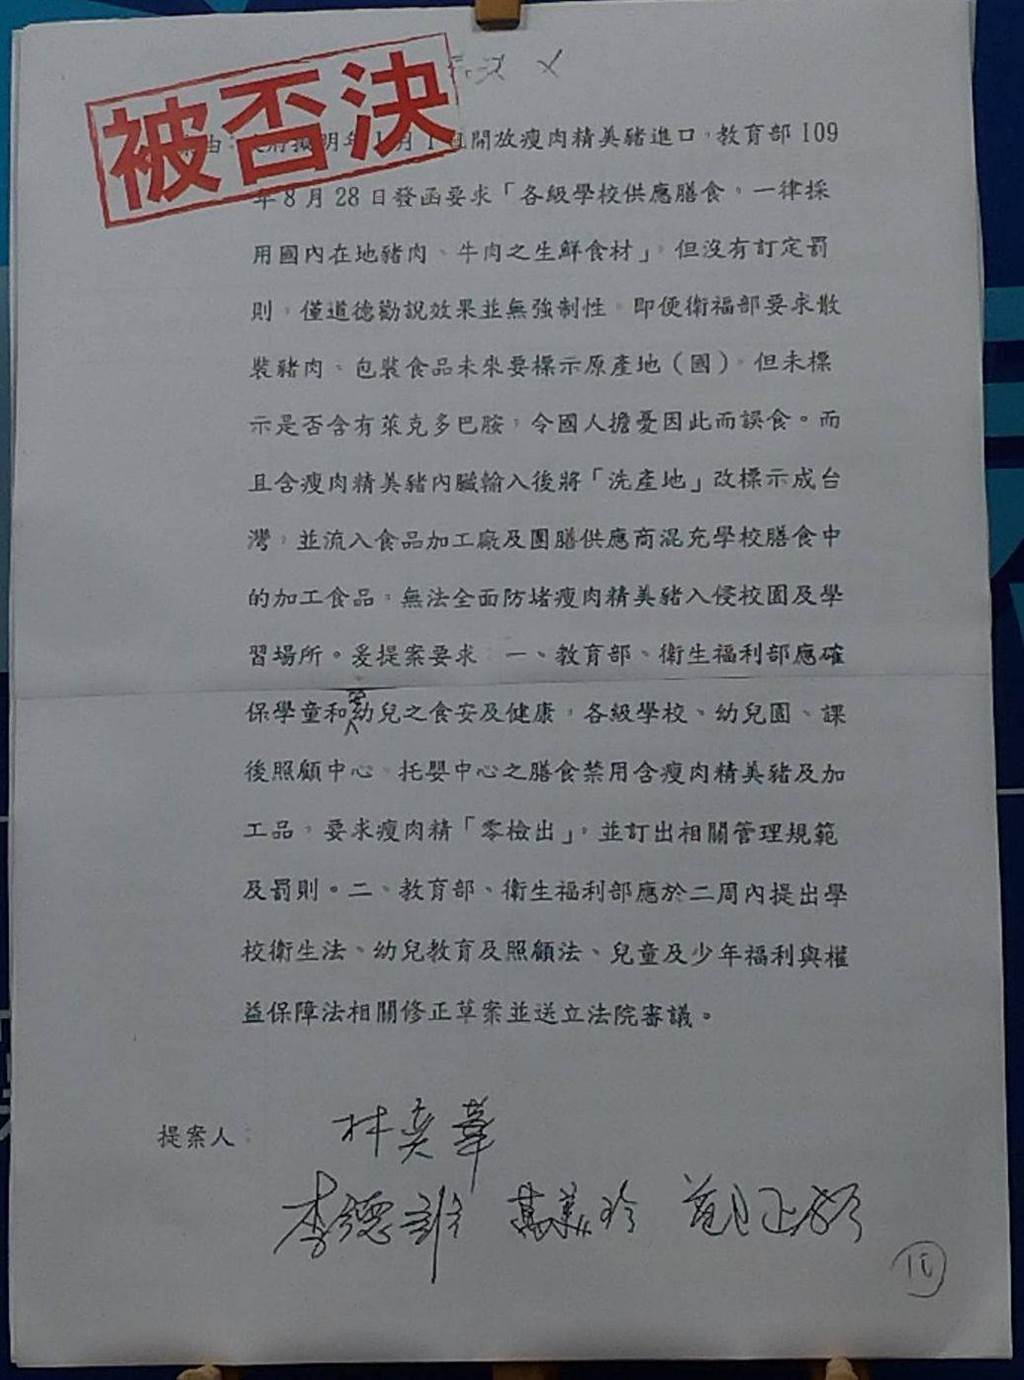 國民黨公布藍委臨時提案之一。(黃福其攝)